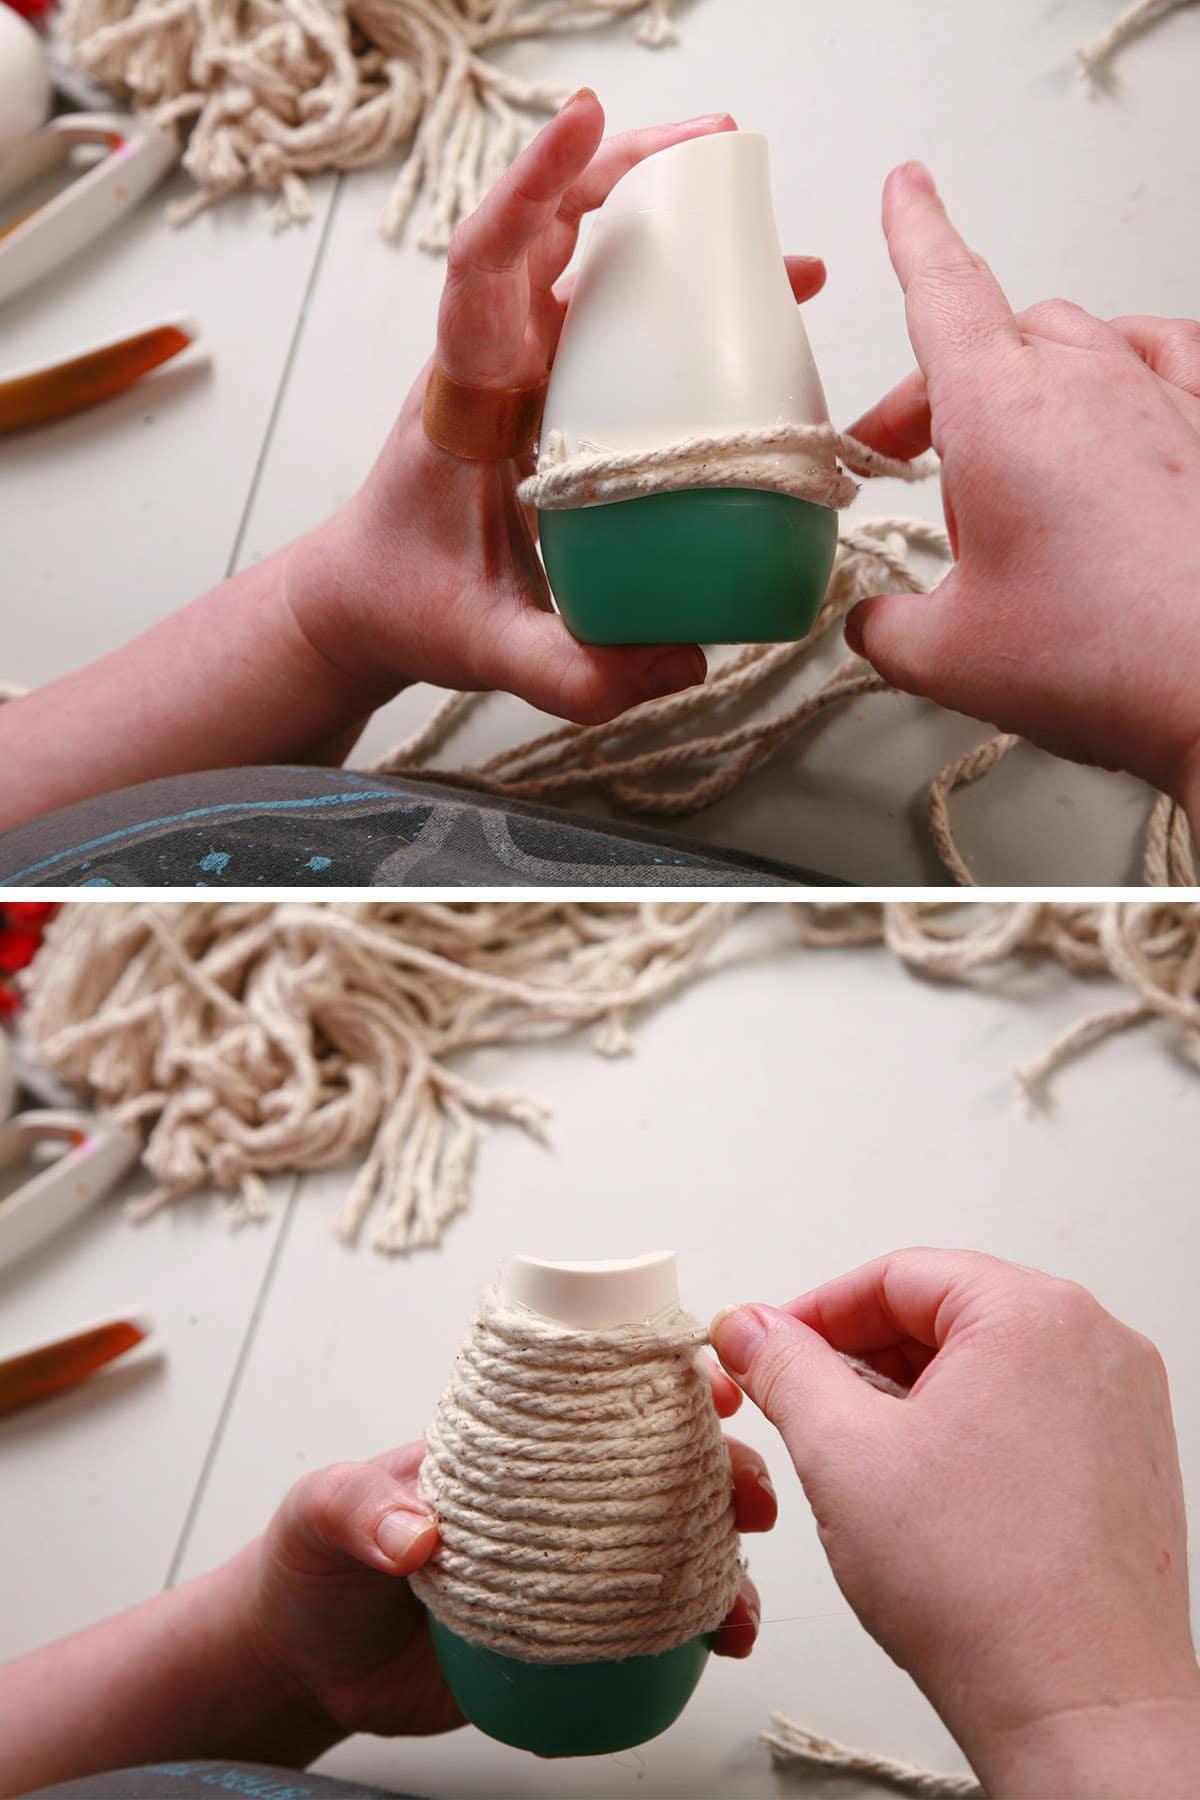 Yarn being wound around the stripped aur freshener.